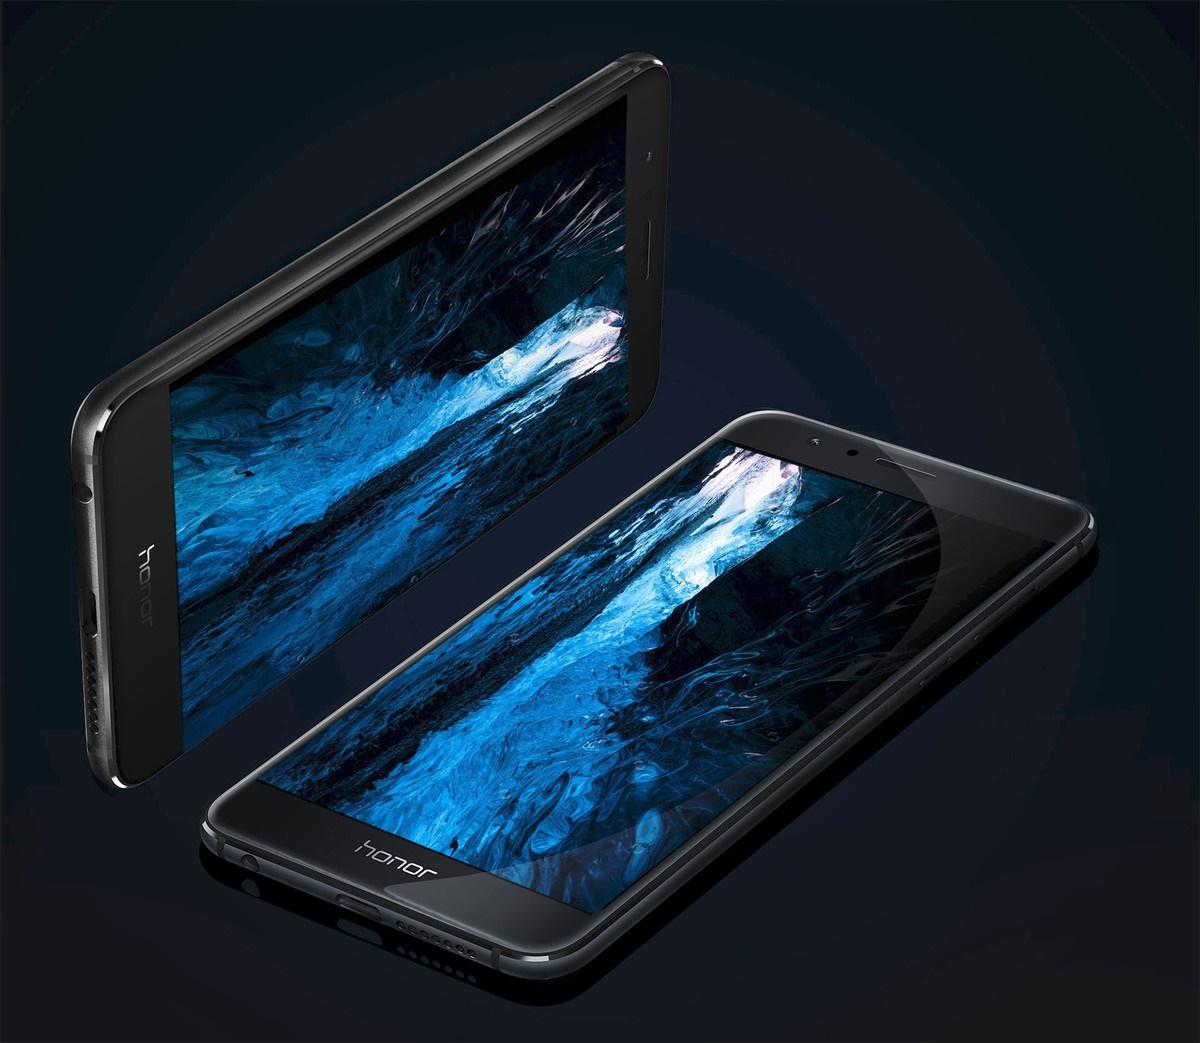 5 میلیون کاربر، علاقمند به خرید گوشی آنر 8 هوآوی / 16 آگوست ورود گوشی دو دوربینه به امریکا